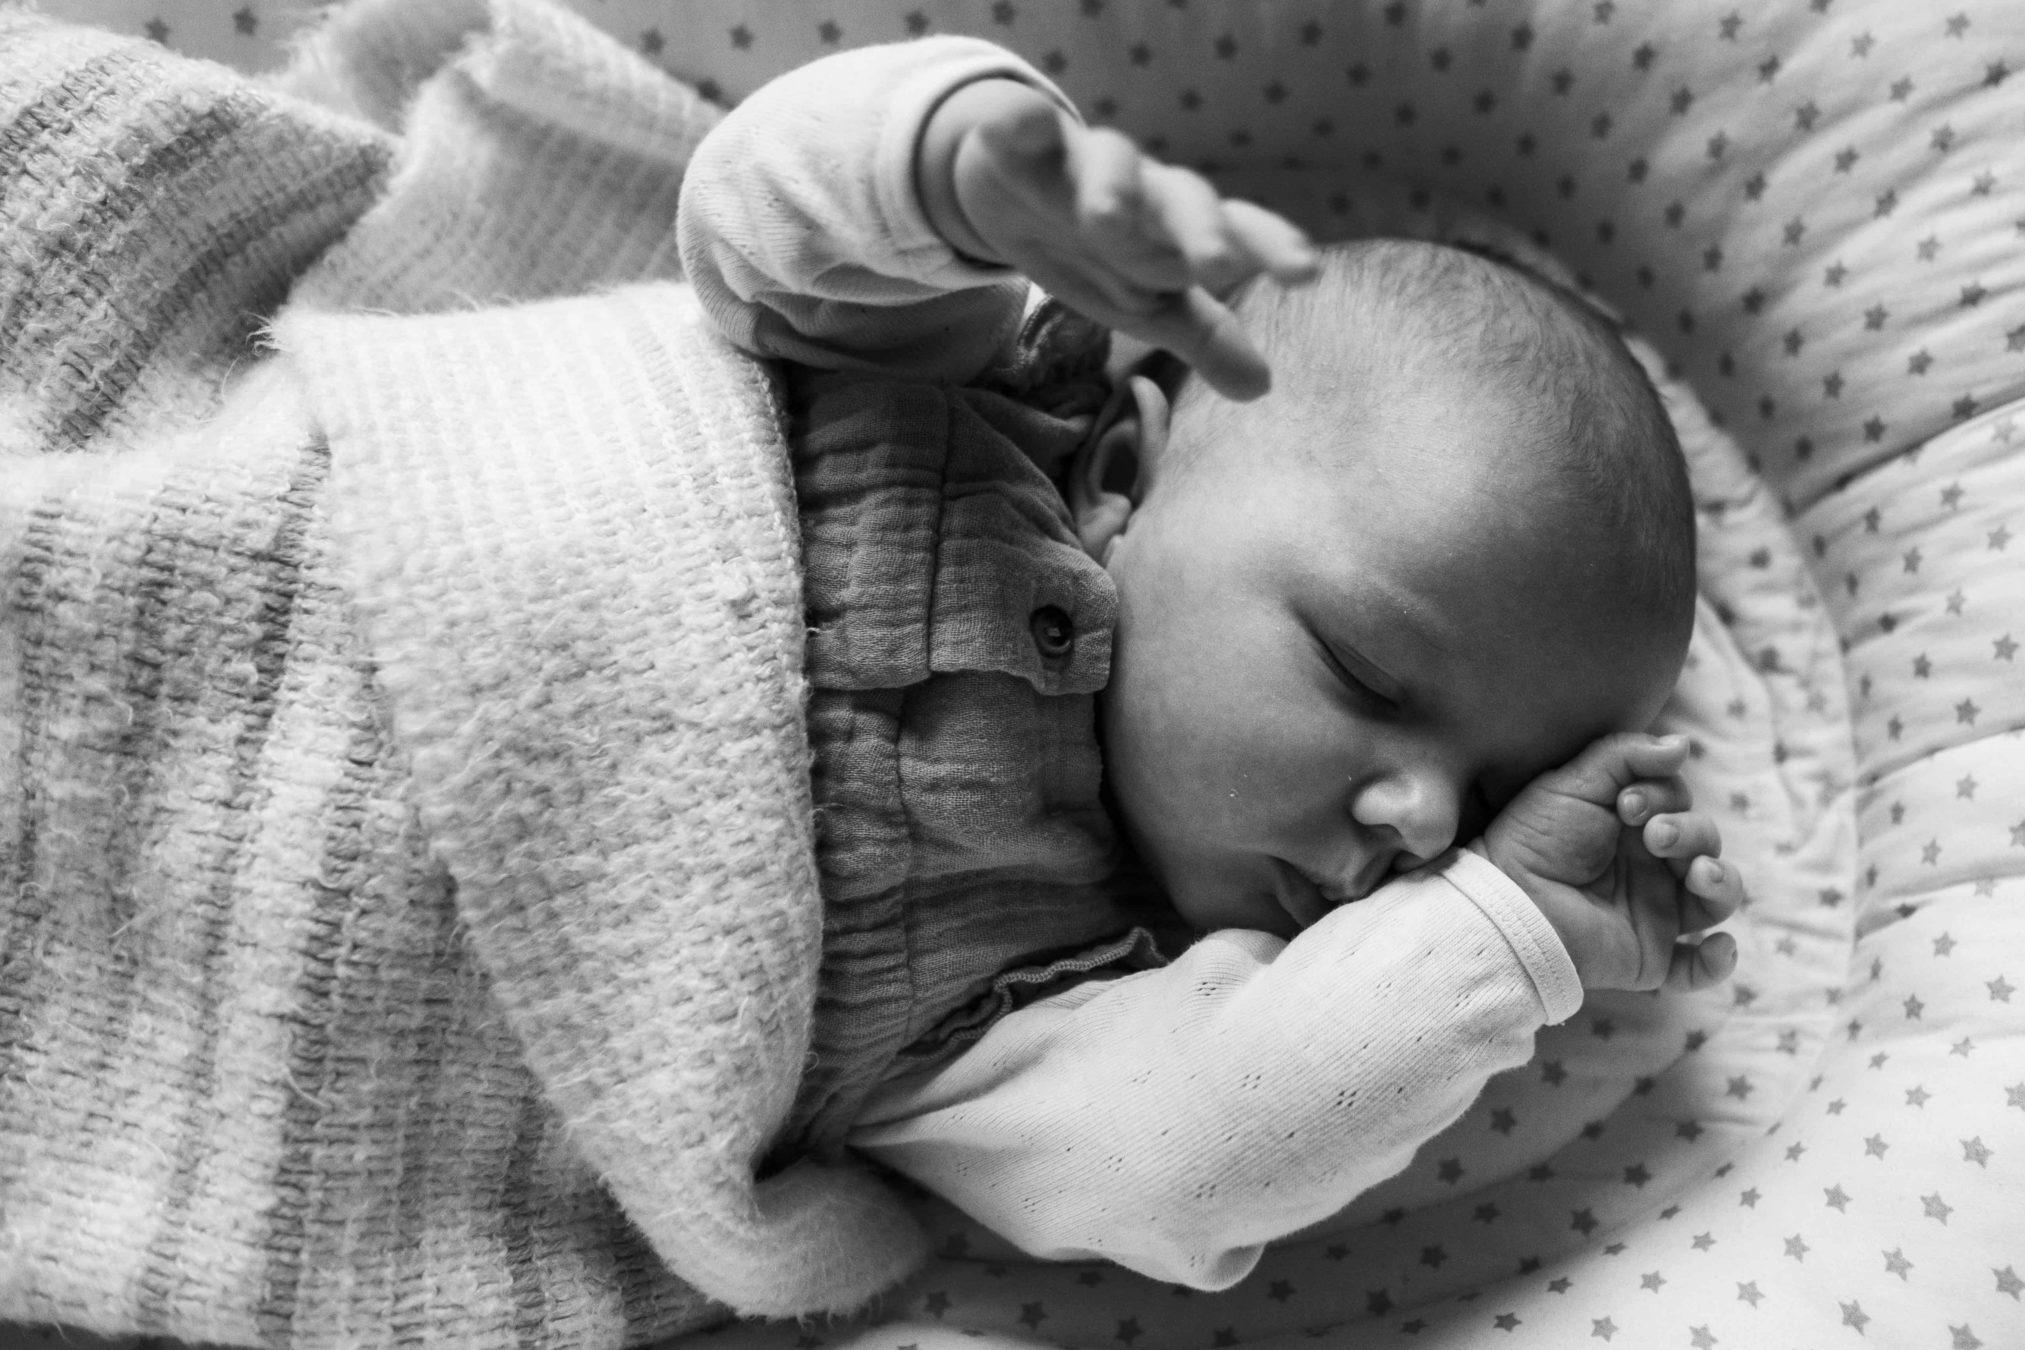 ein Baby liegt in einem Bettchen, es hält die Hände nach oben, es ist eingewickelt in einer Decke, es hat die Augen geschlossen, es neigt sich das Gesicht an ihren Arm